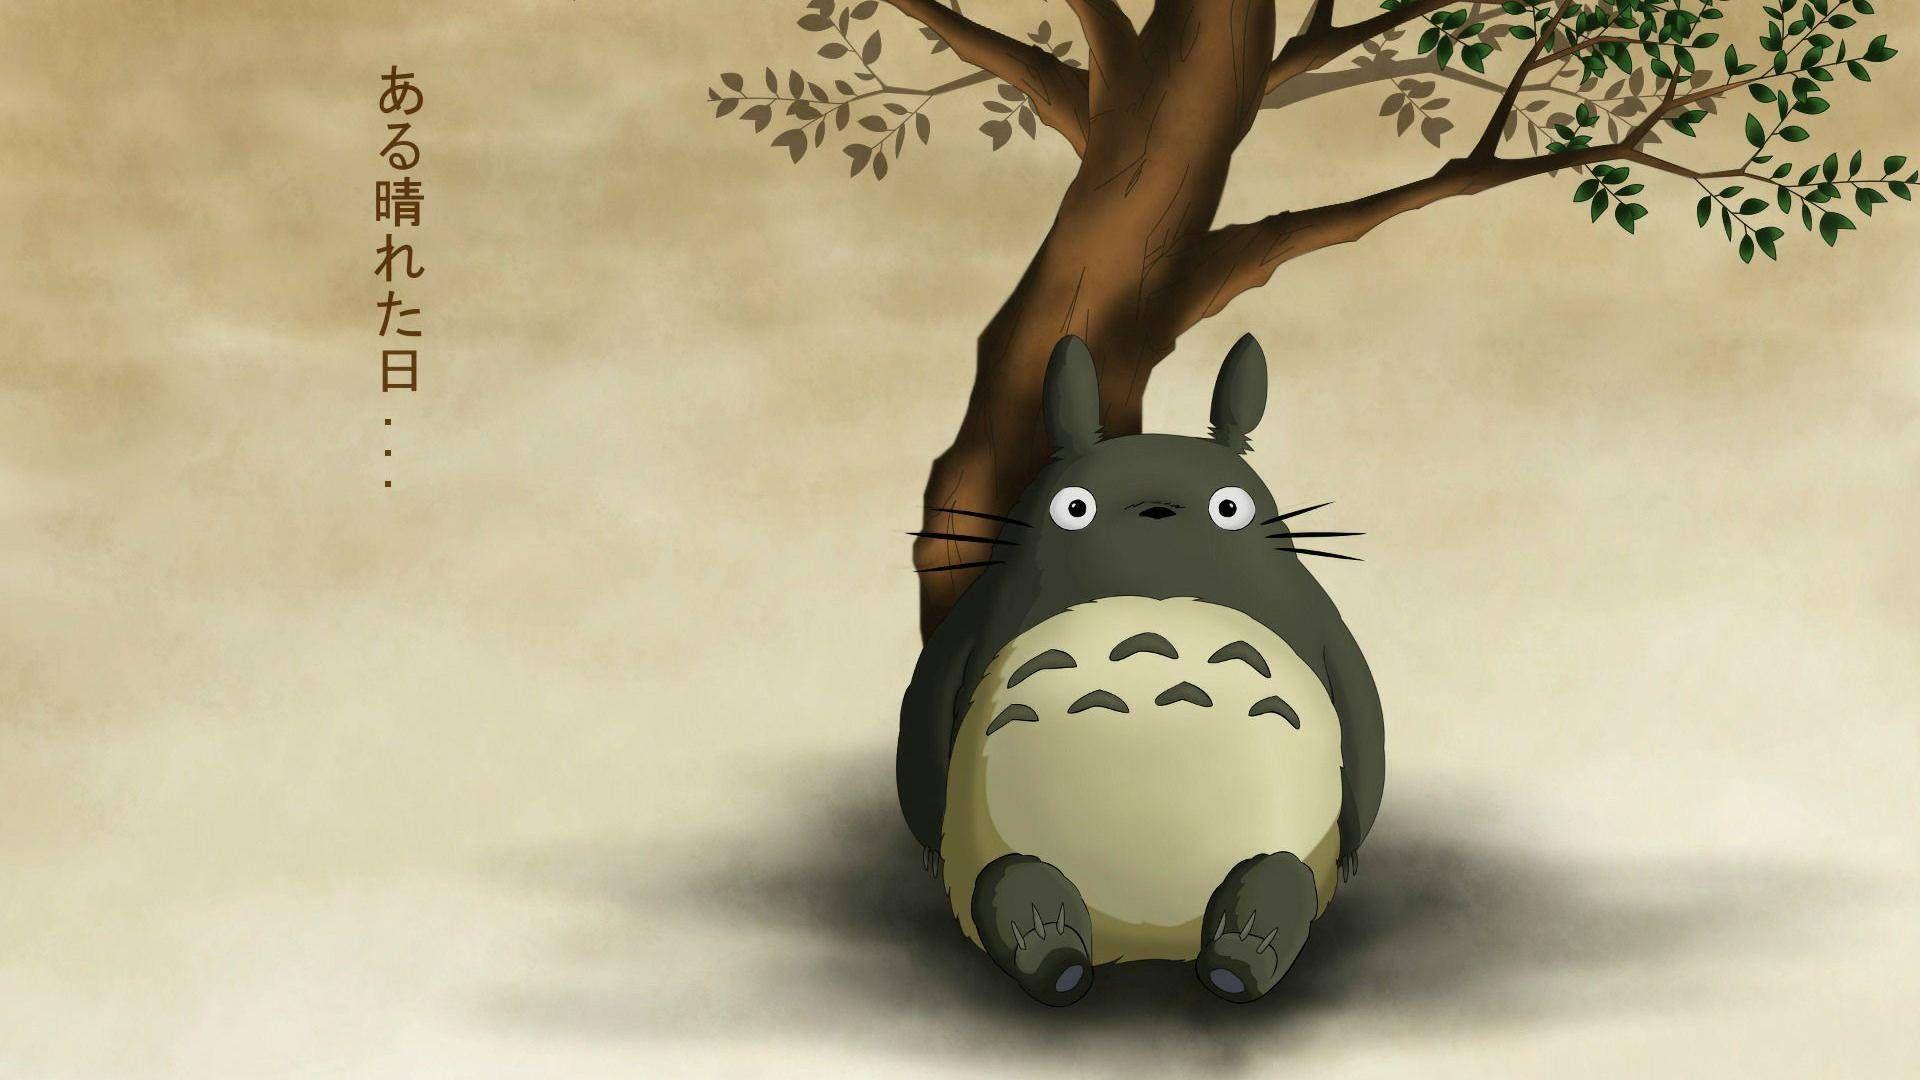 My Neighbor Totoro Studio Ghibli Wallpaper Totoro